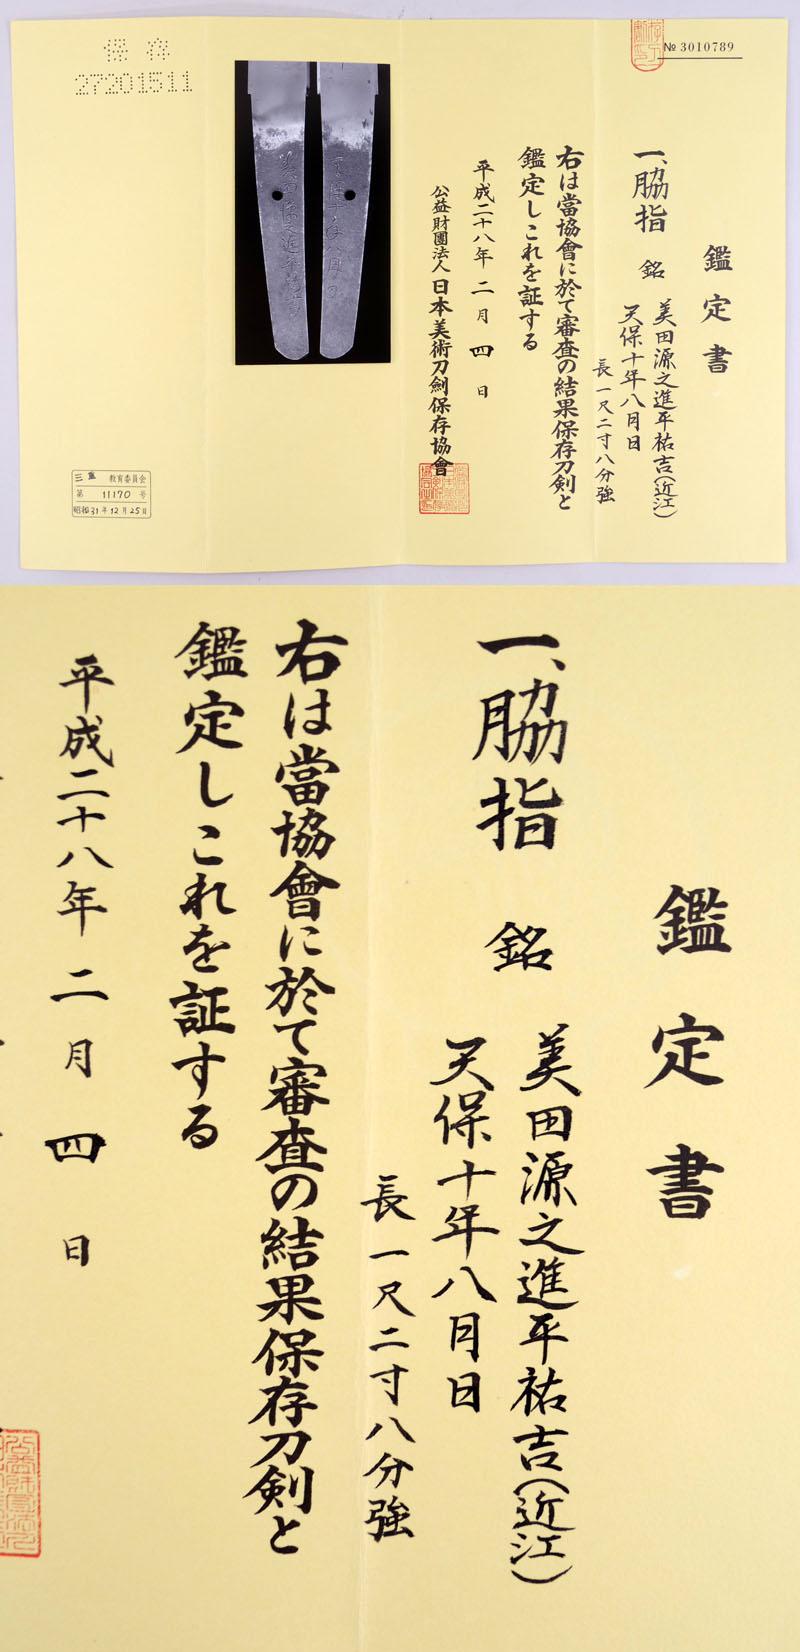 美田源之進平祐吉(近江) Picture of Certificate